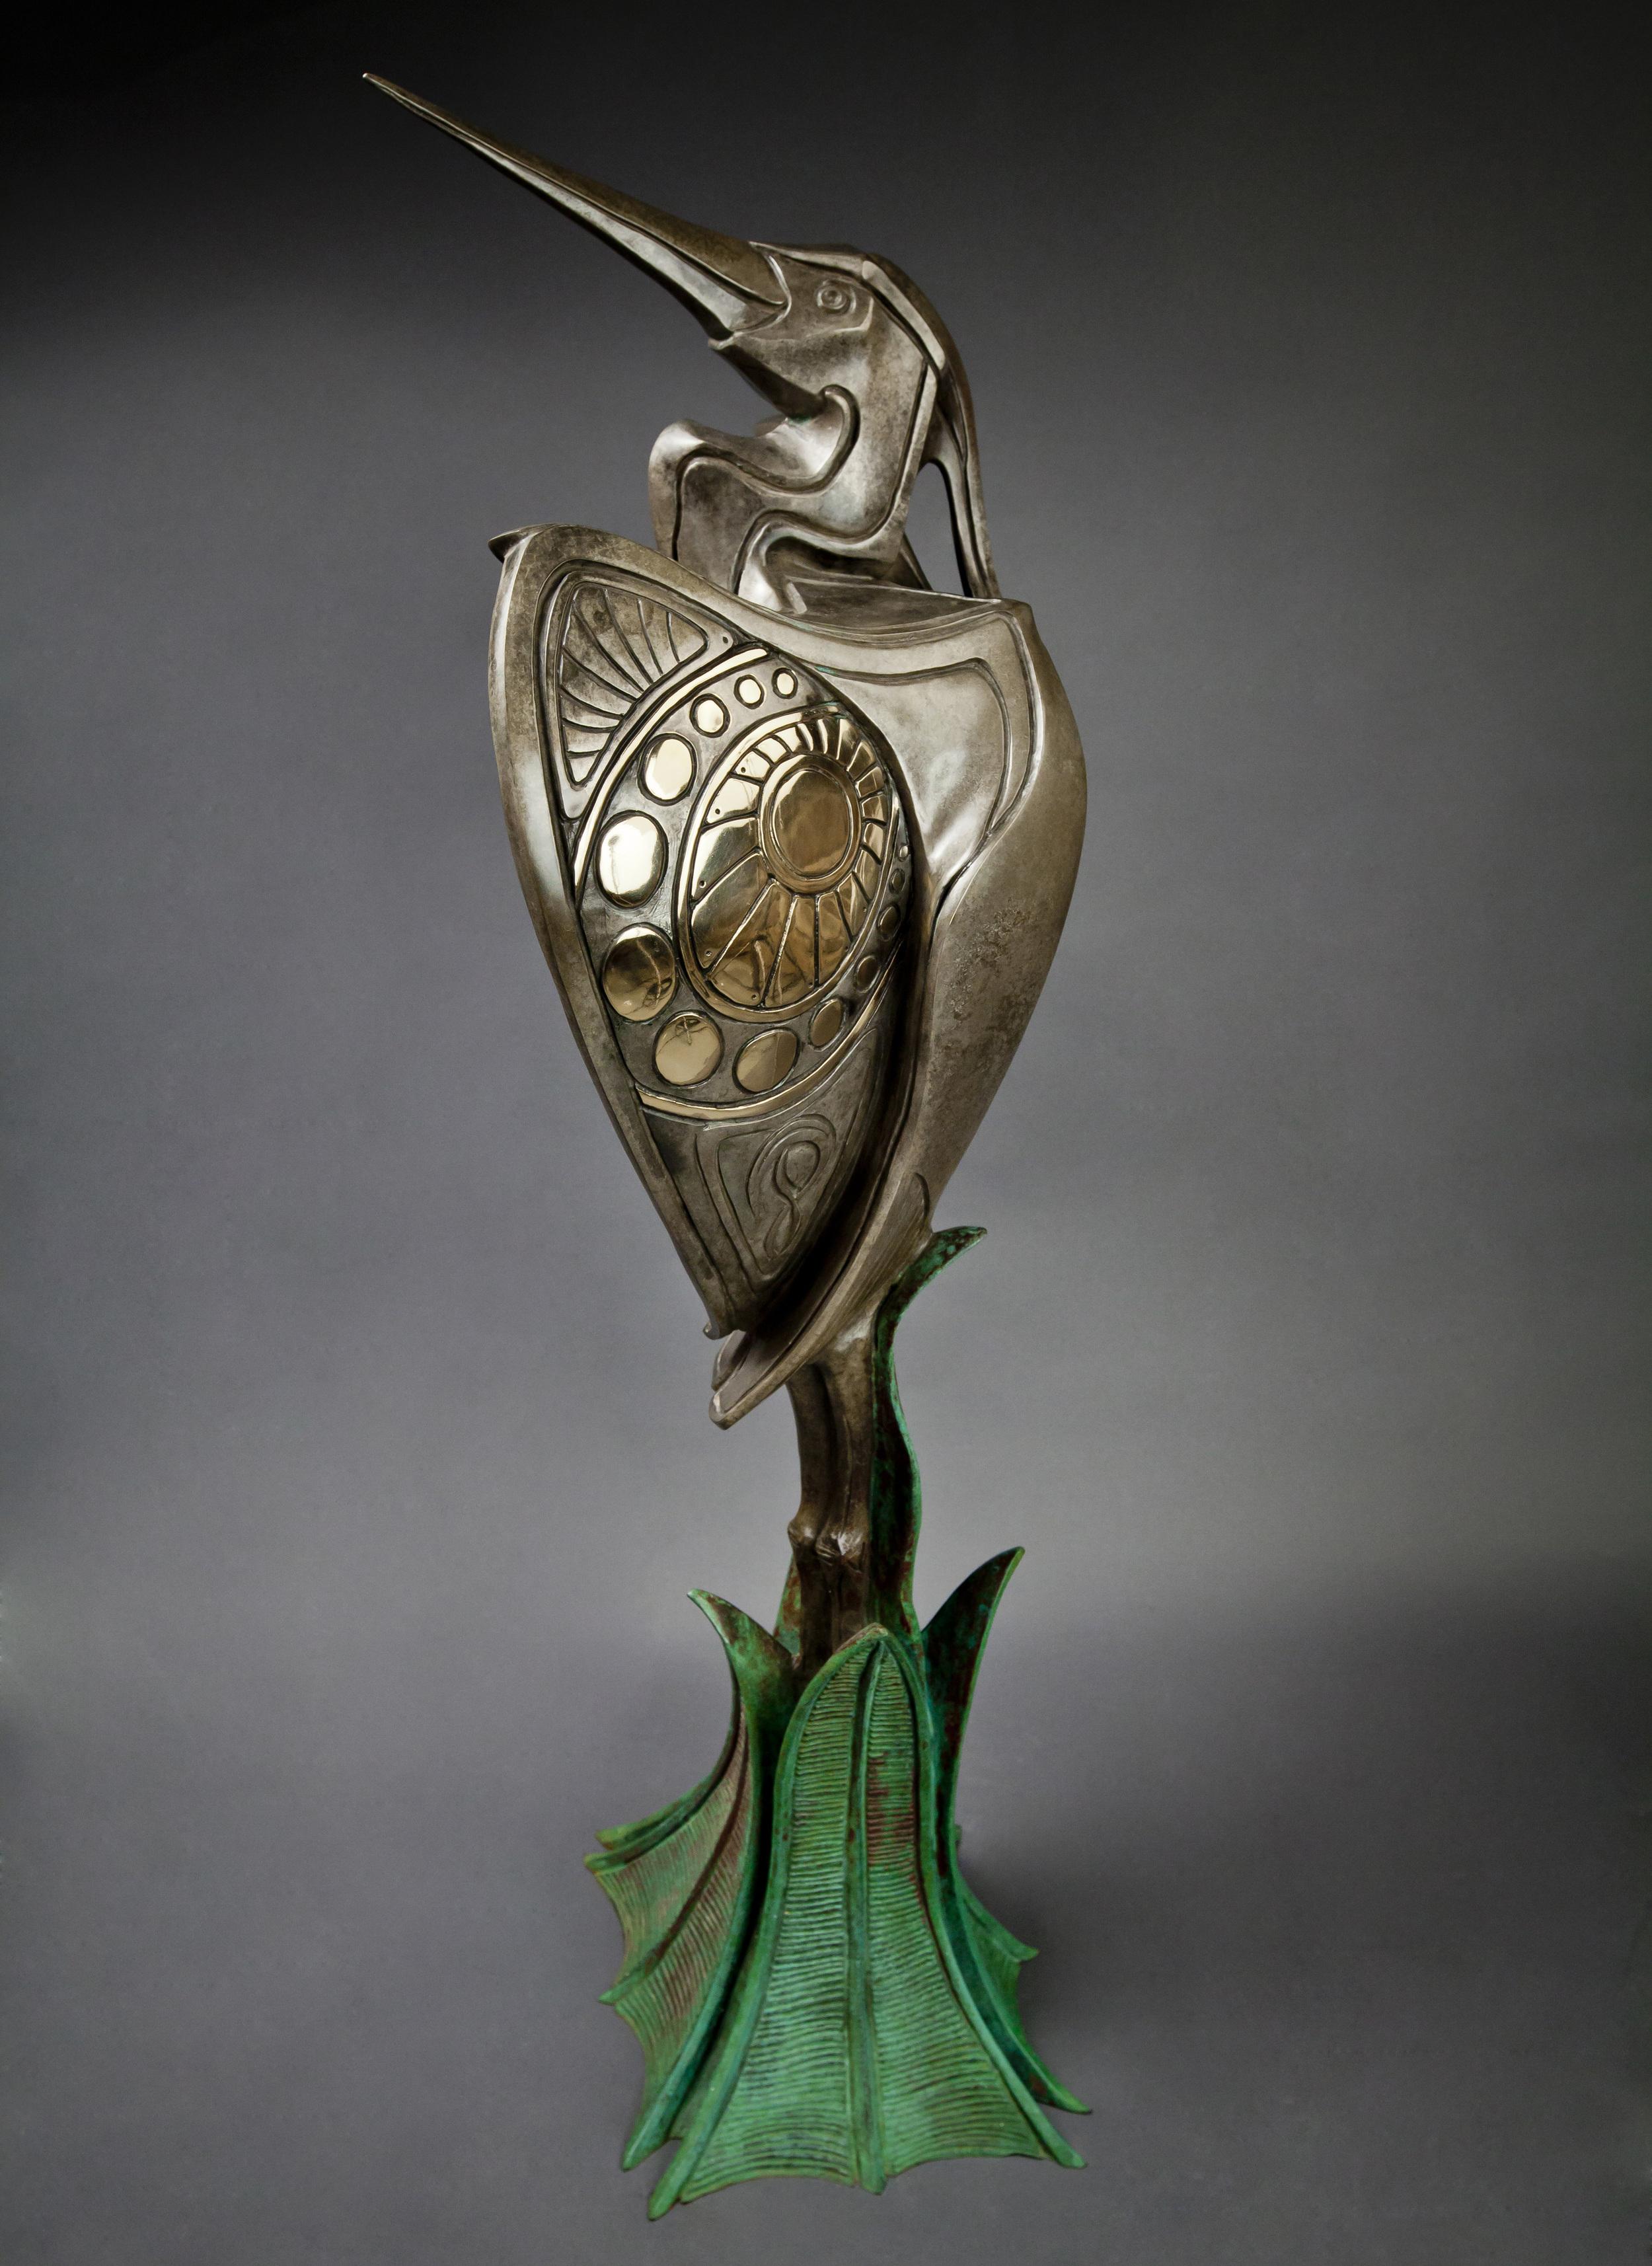 Bronze-Heron-by-John-Maisano-4.jpg